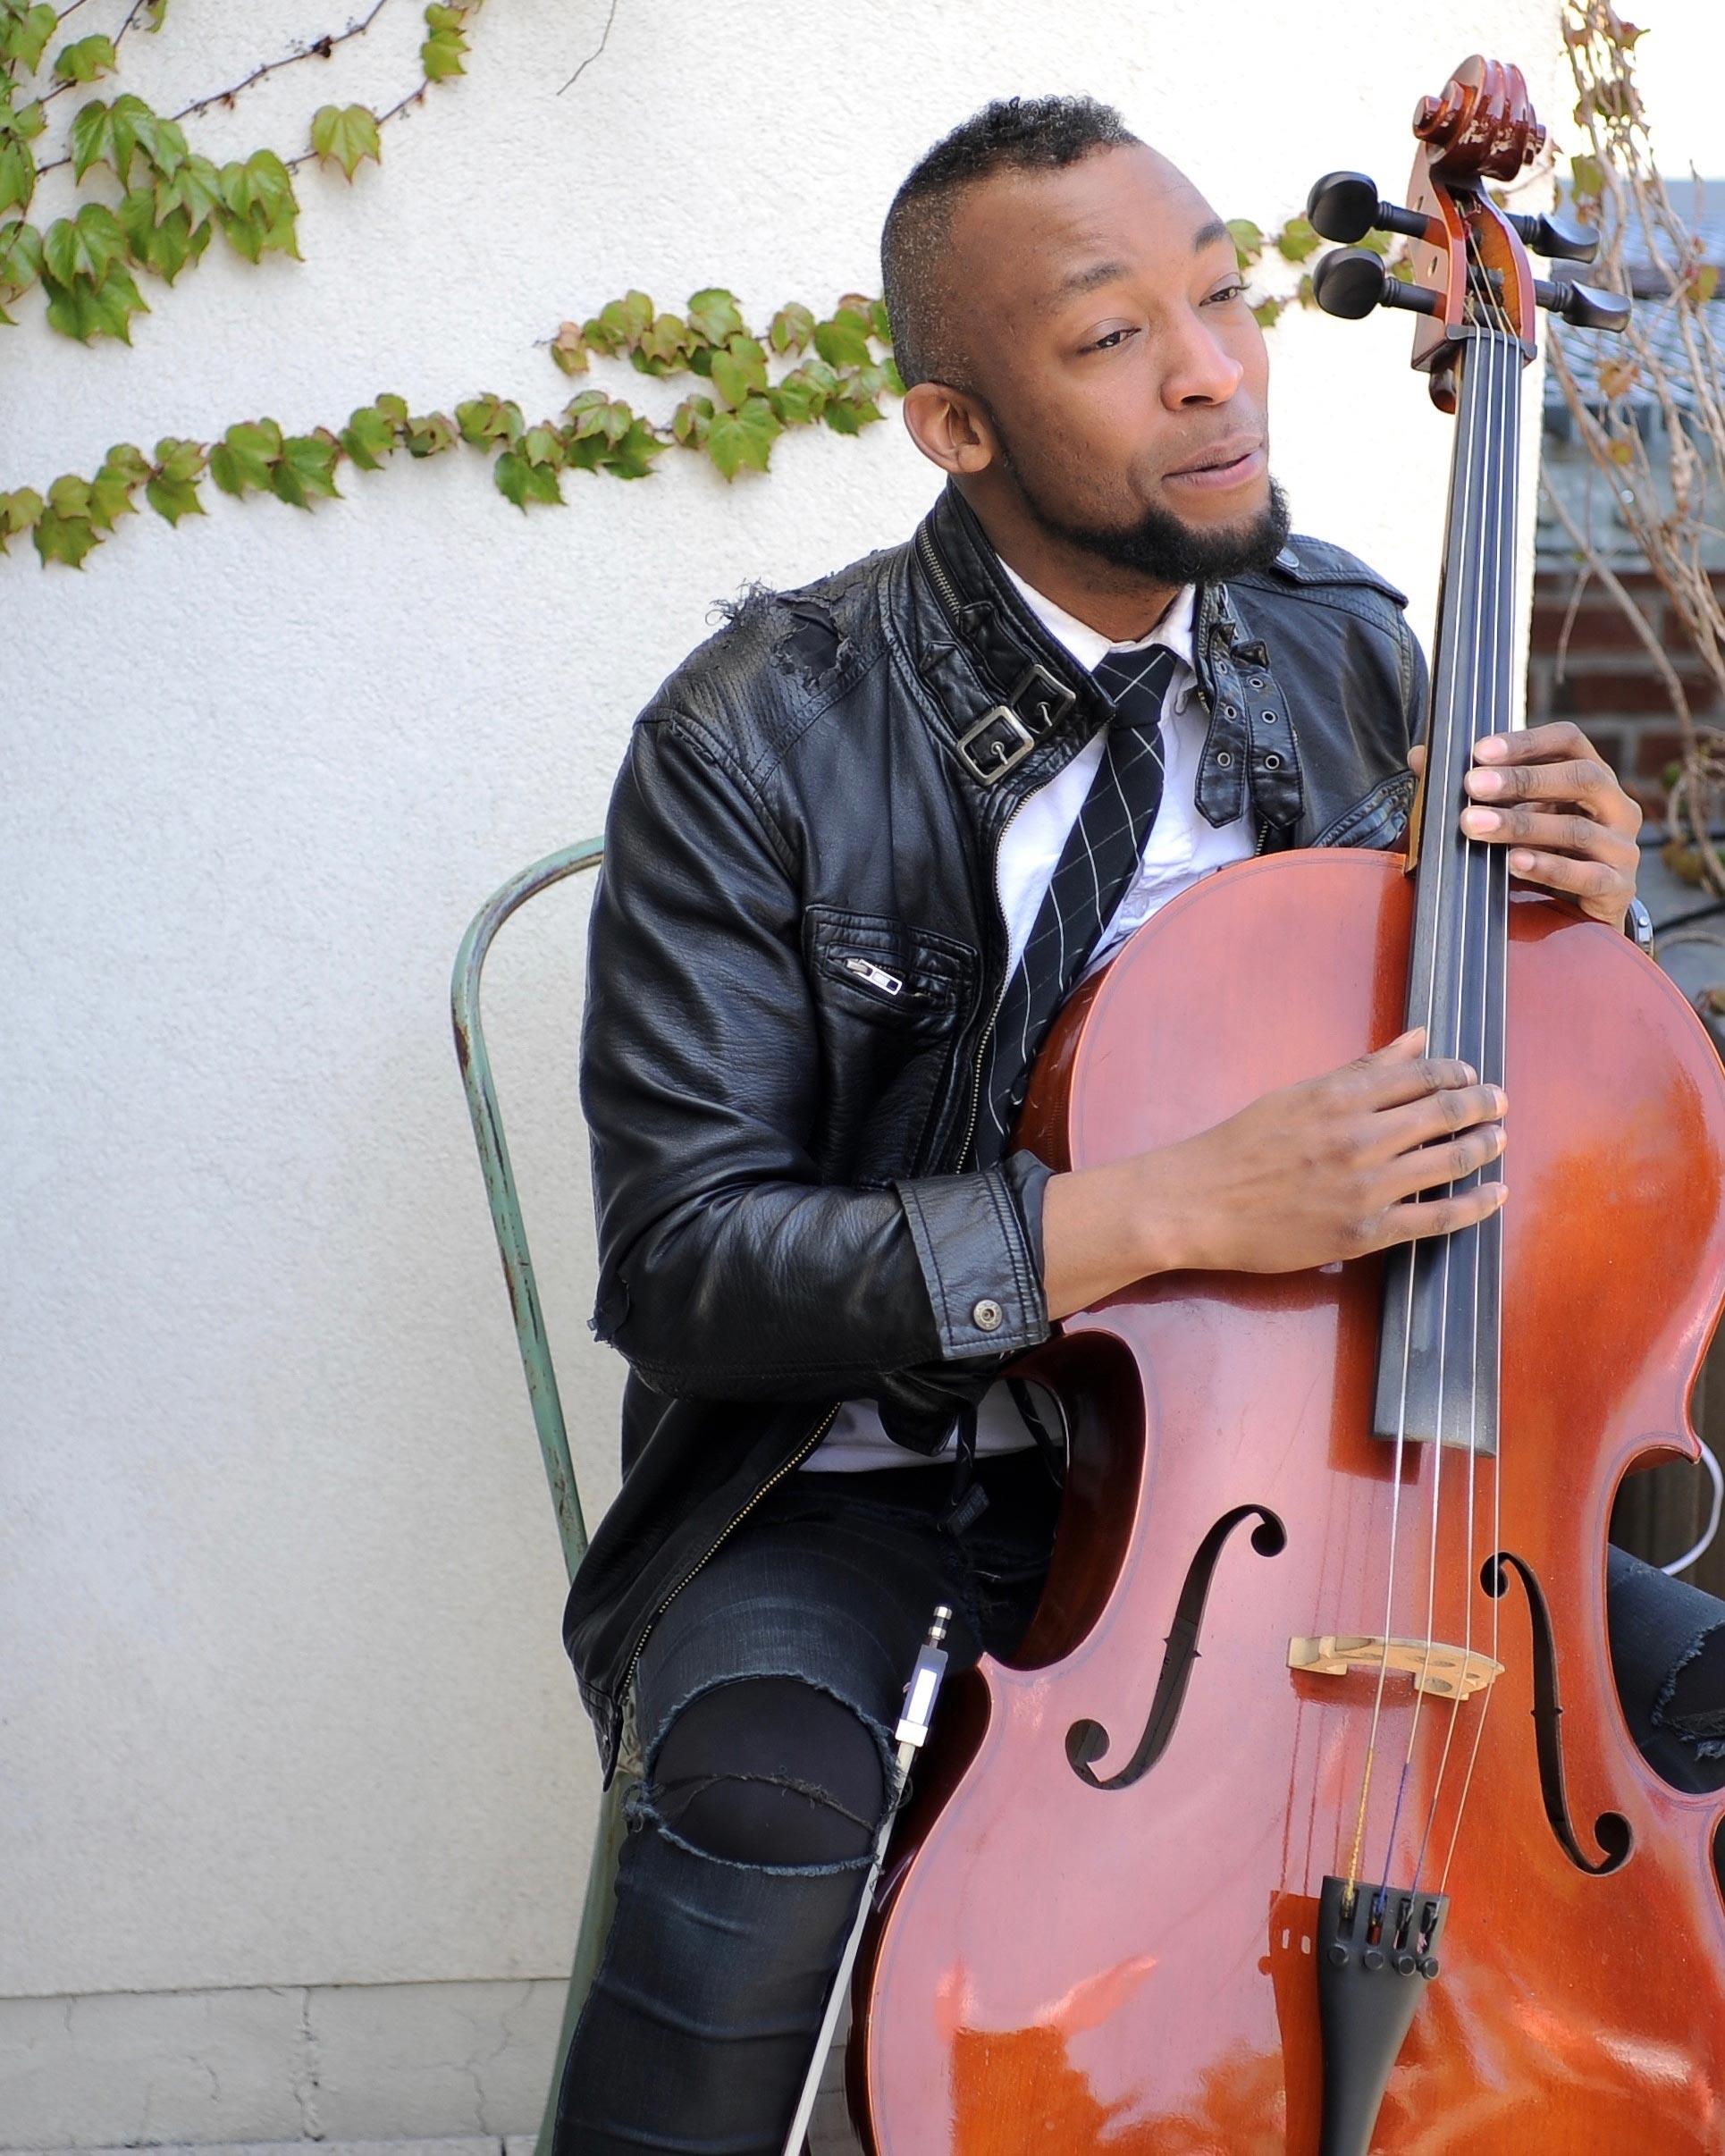 annie-atkinson-bridal-shower-cellist-gabriel-royal-0616.jpg